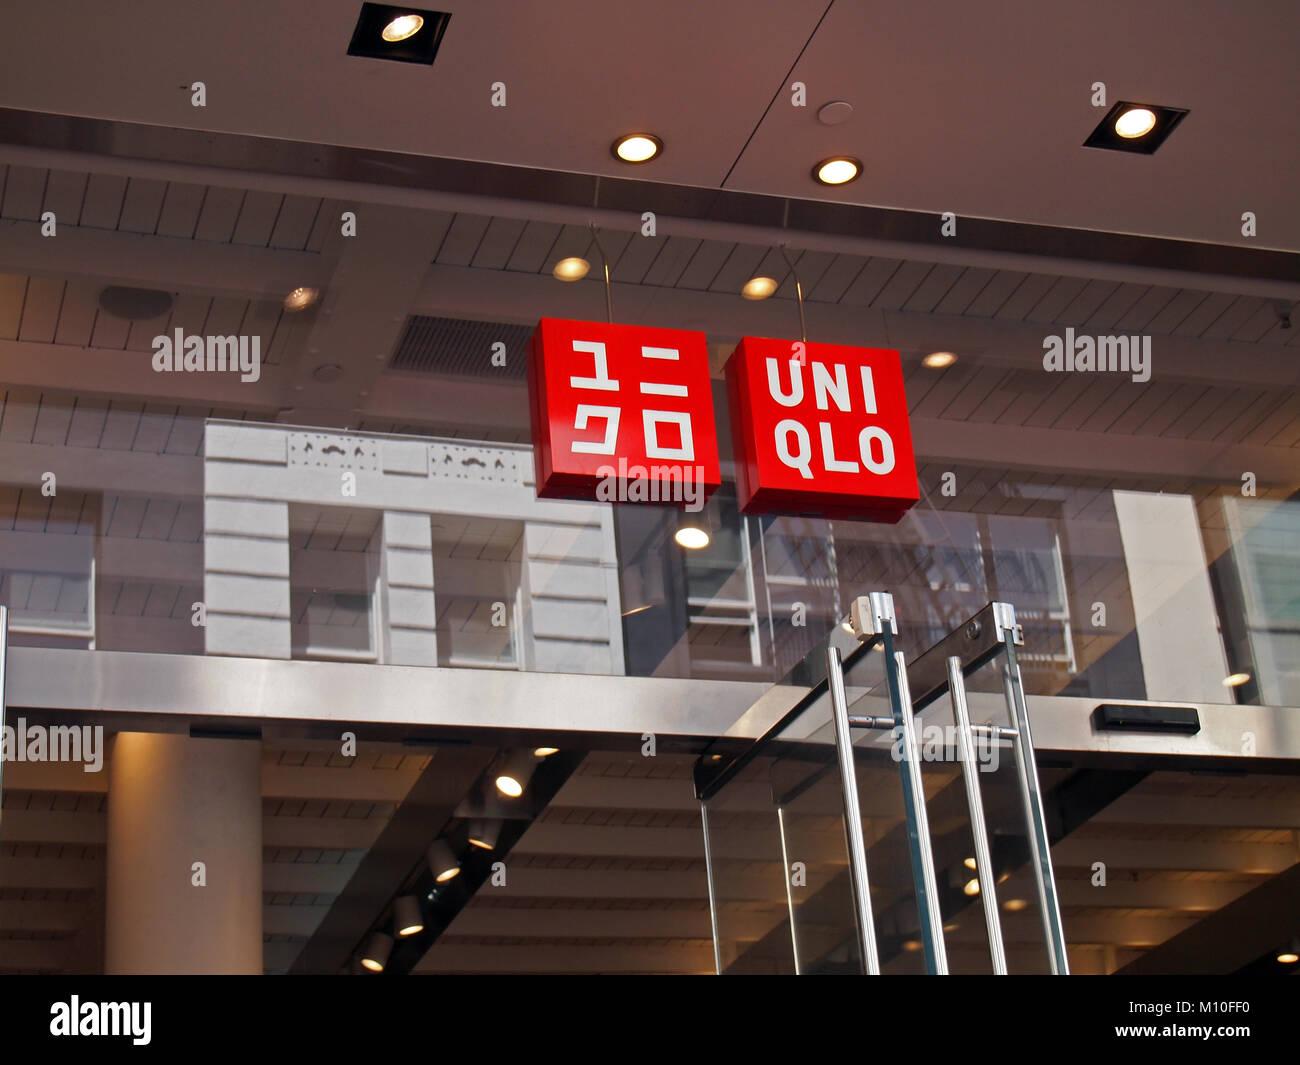 UNIQLO sign in San Francisco, California - Stock Image